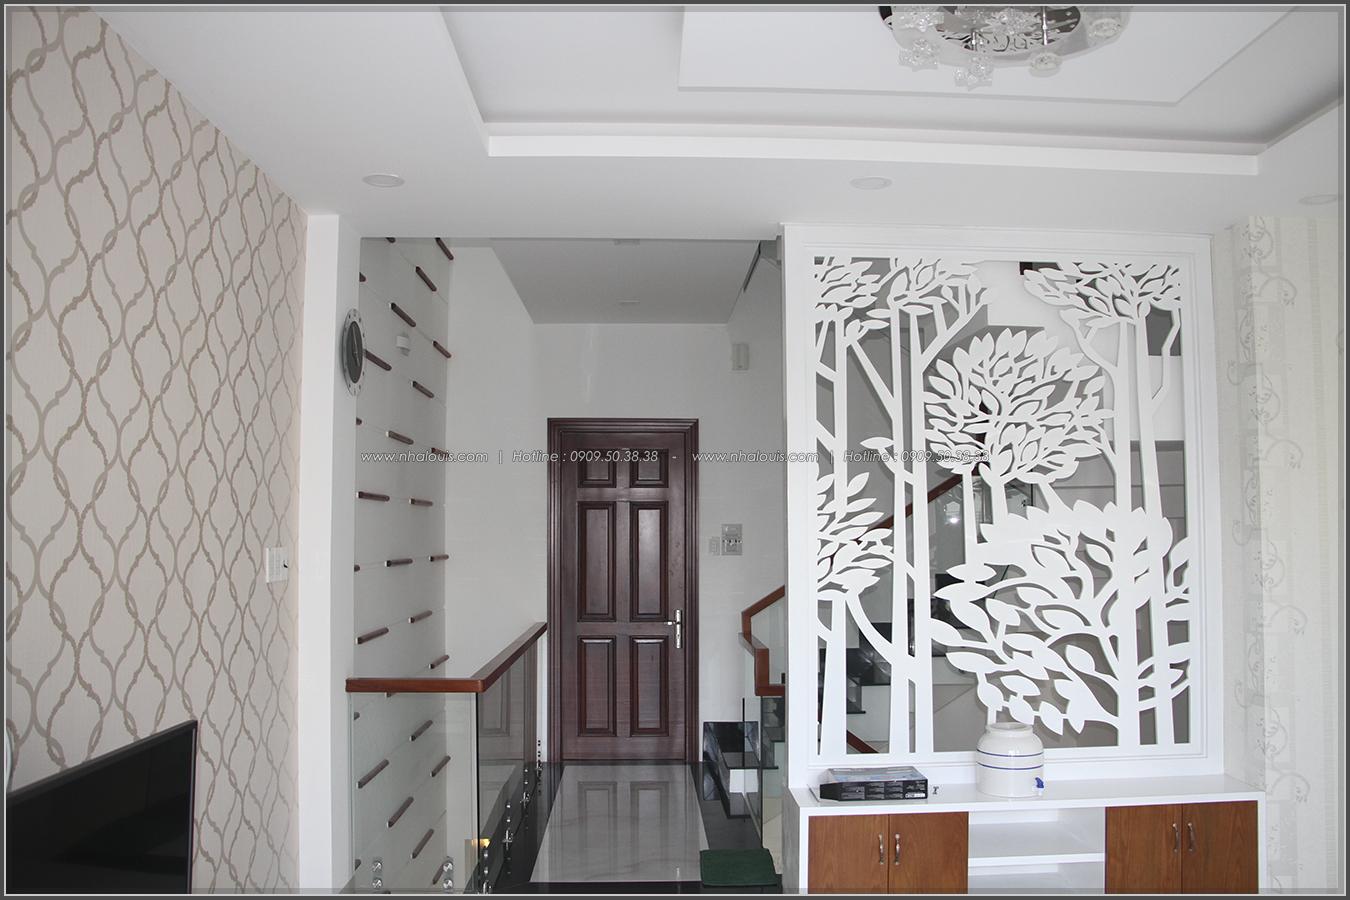 Thi công xây dựng nhà phố phong cách hiện đại cao 3 tầng tại Tân Phú - 10